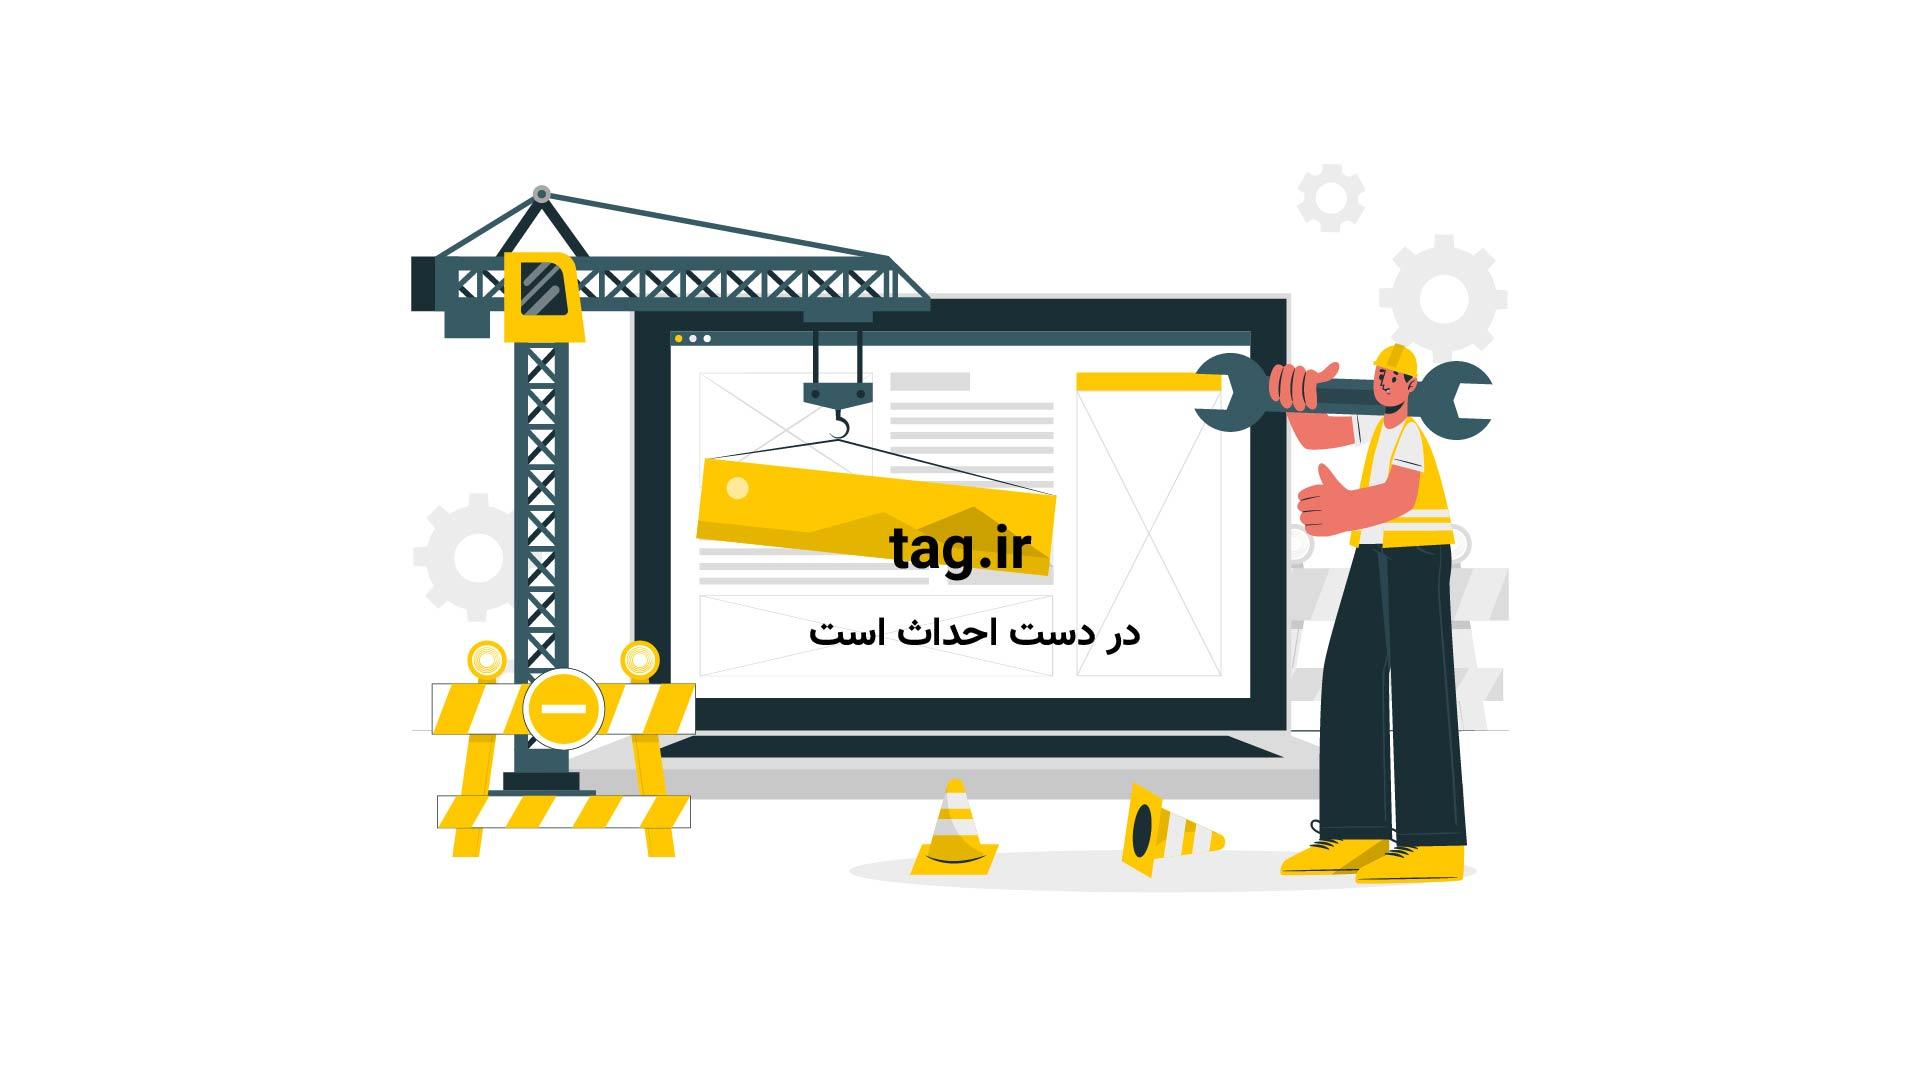 کارها و شخصیت مهران مدیری از نظر سیروس الوند   فیلم